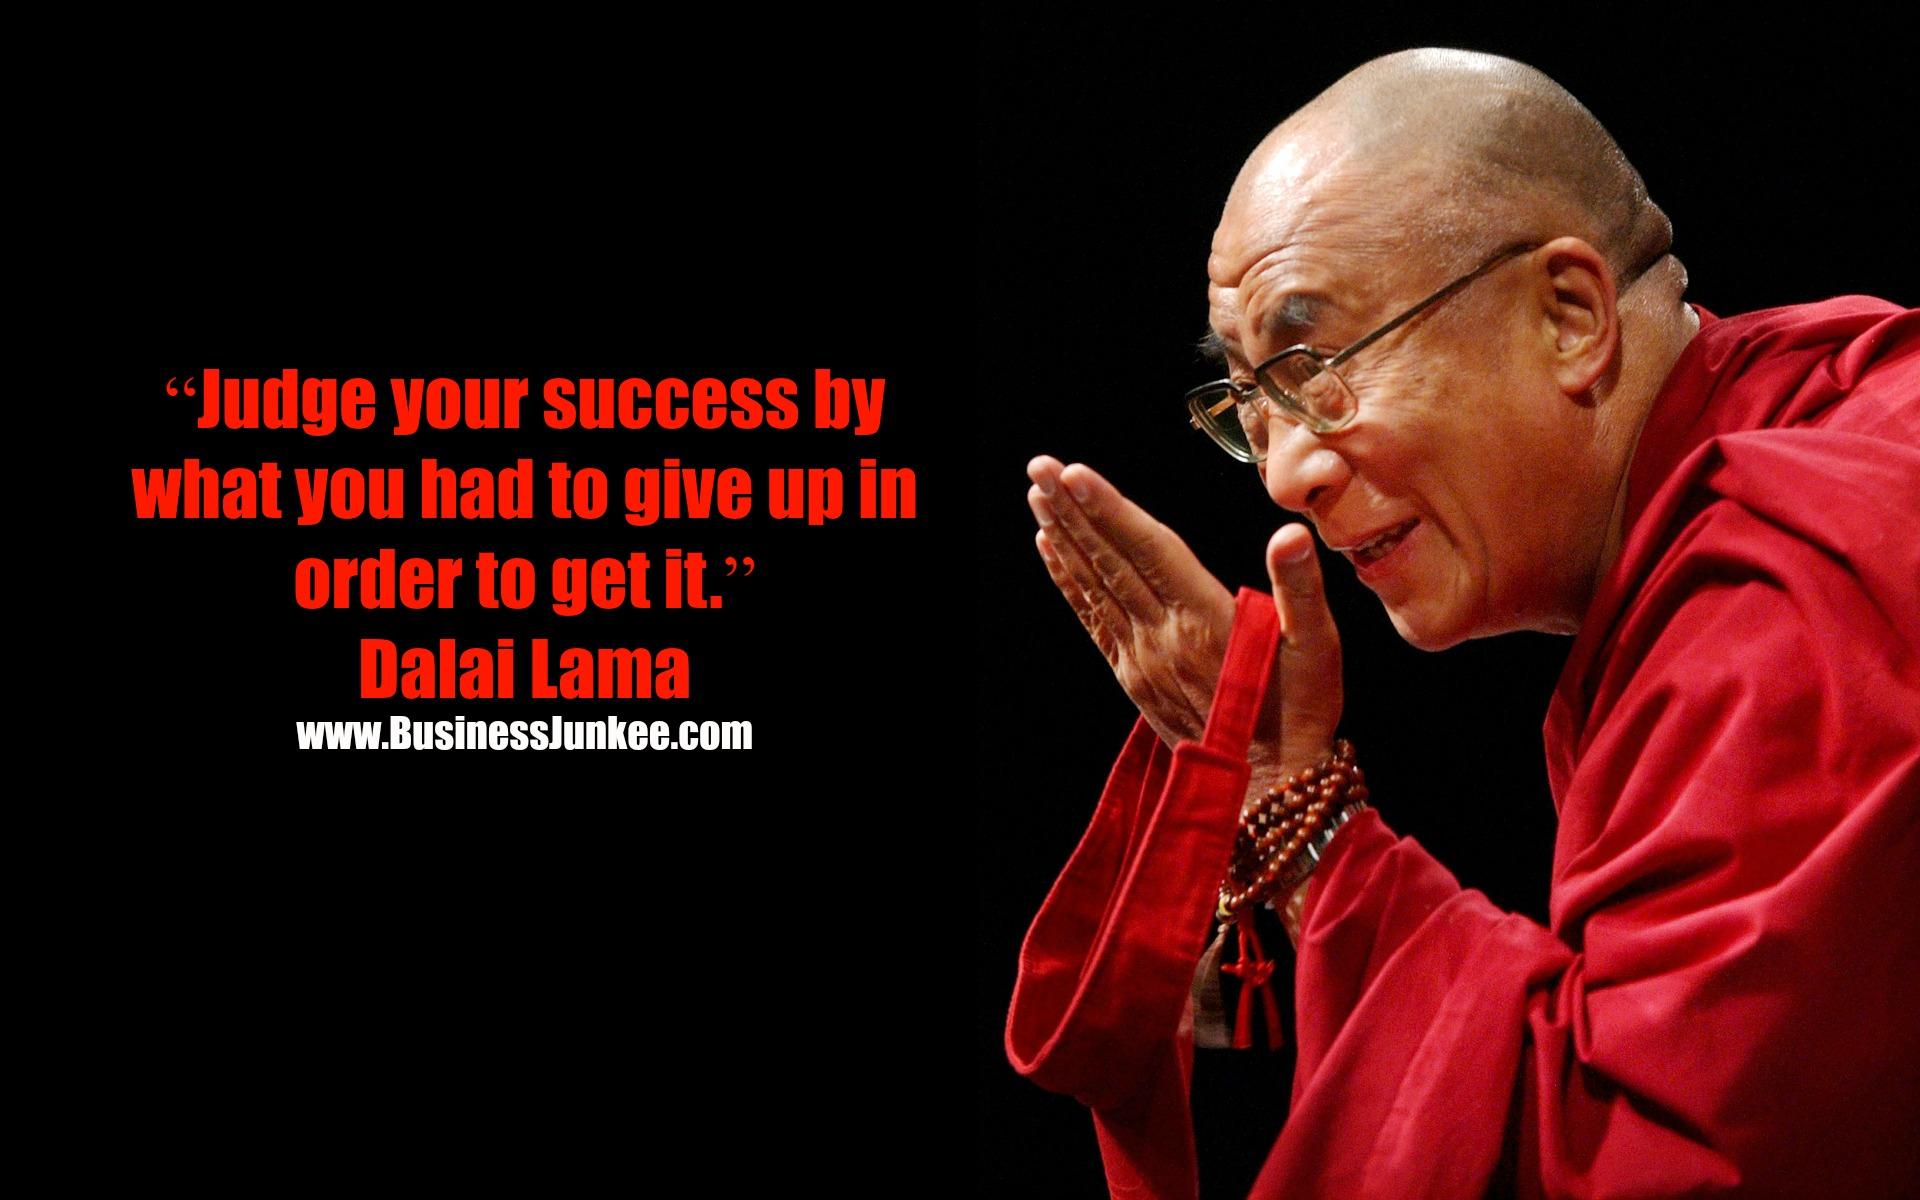 Dalai Lama Quotes On G...